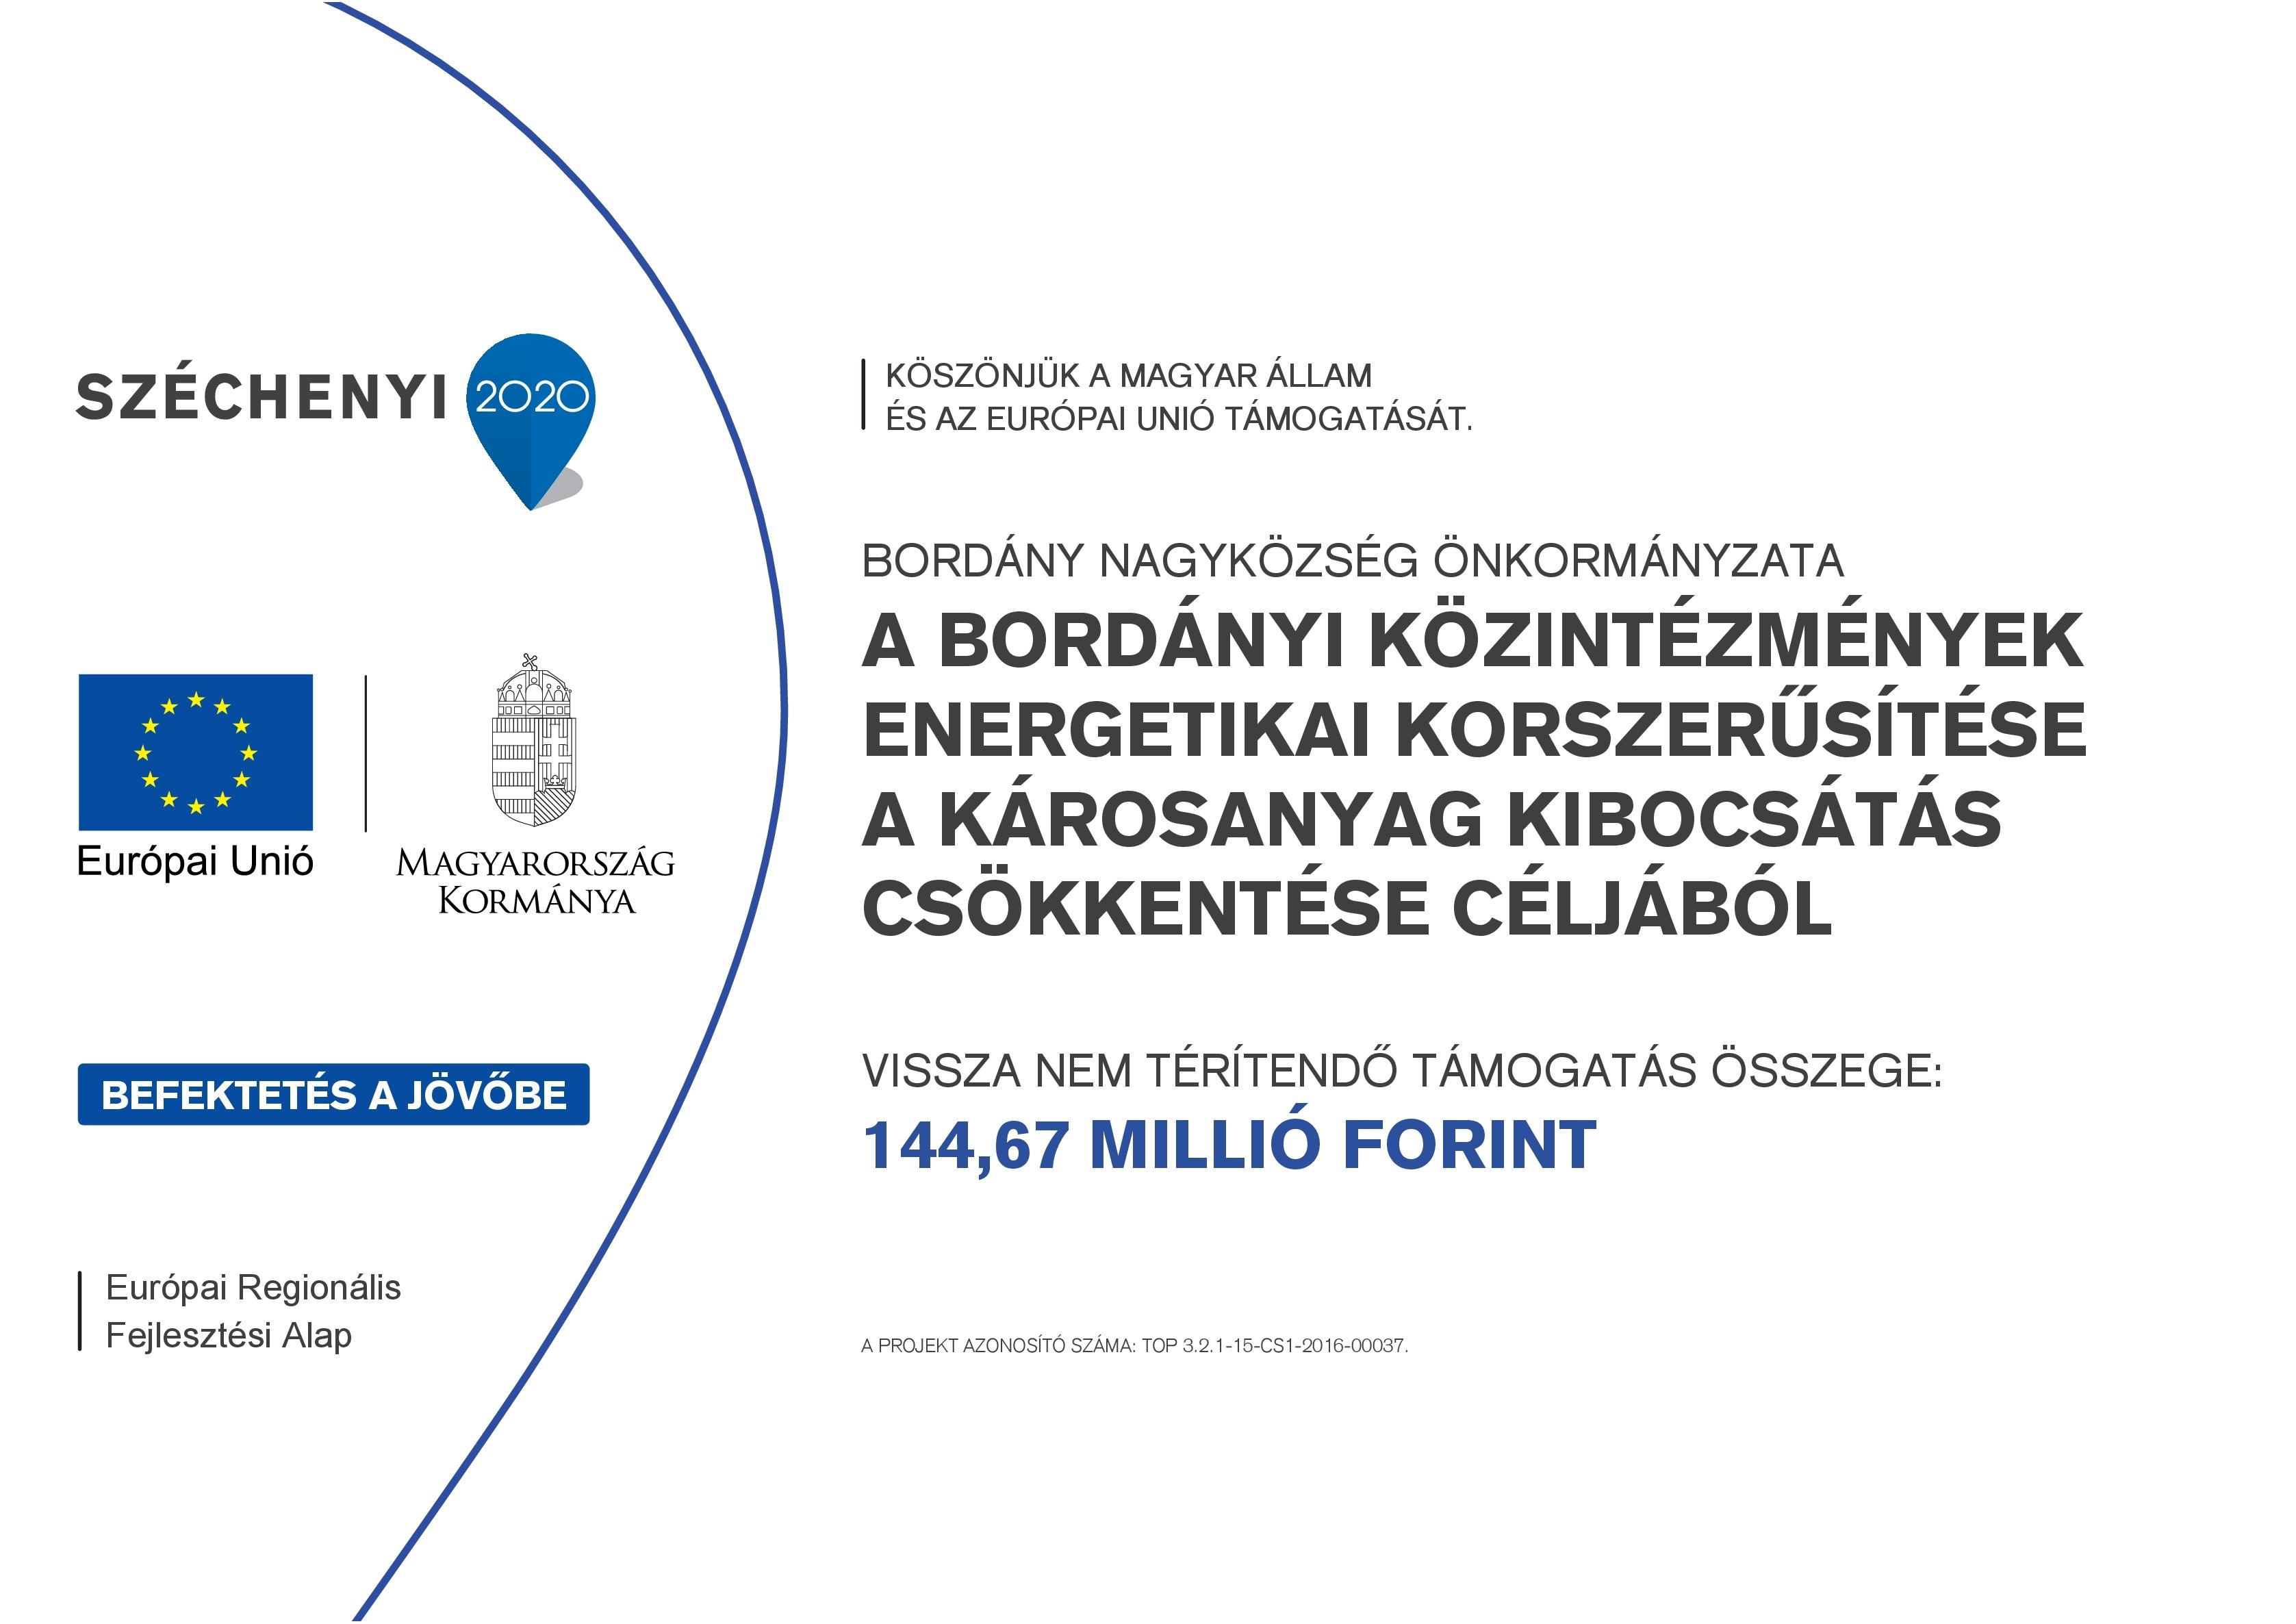 Hírfolyam - Magyar Fejlesztési Központ